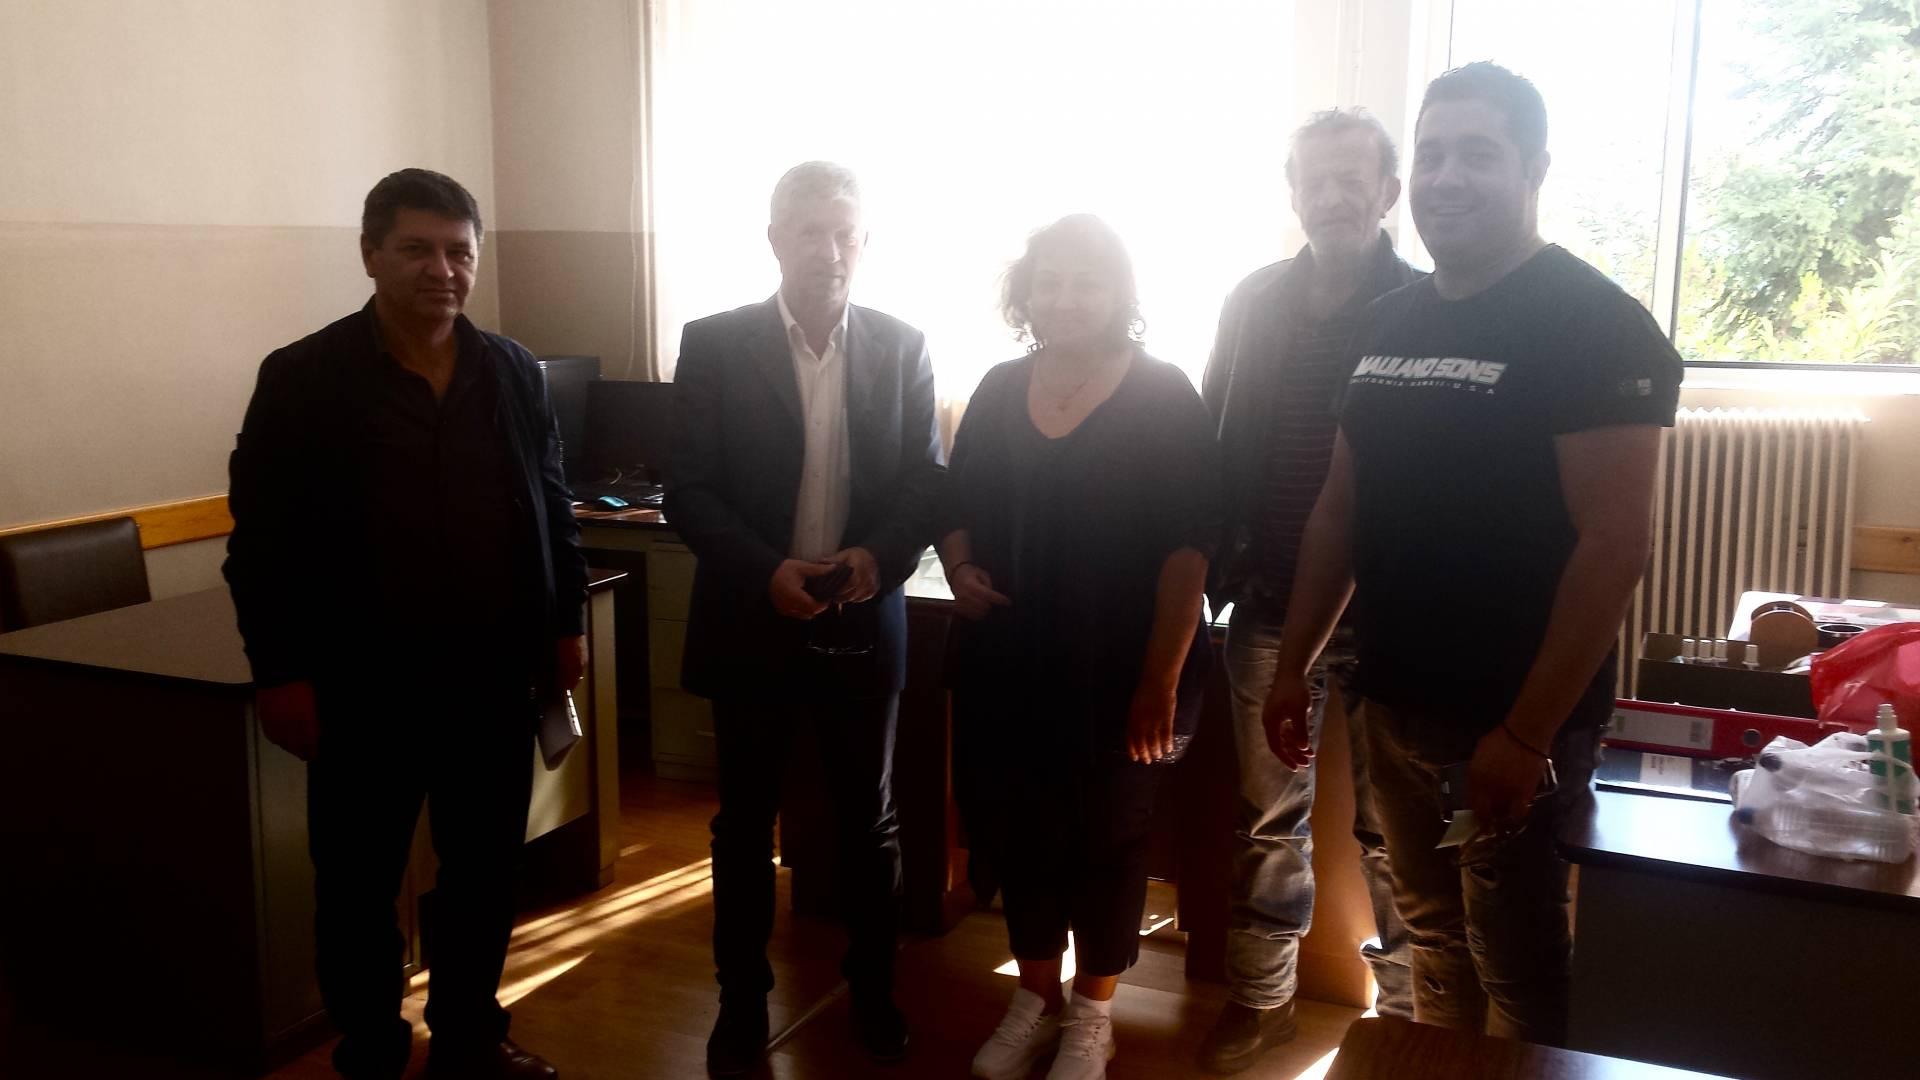 Συνάντηση του Δημάρχου Δεσκάτης Κορδίλα Δημήτρη με τους διευθυντές των σχολείων Β΄θμιας Εκπαίδευσης